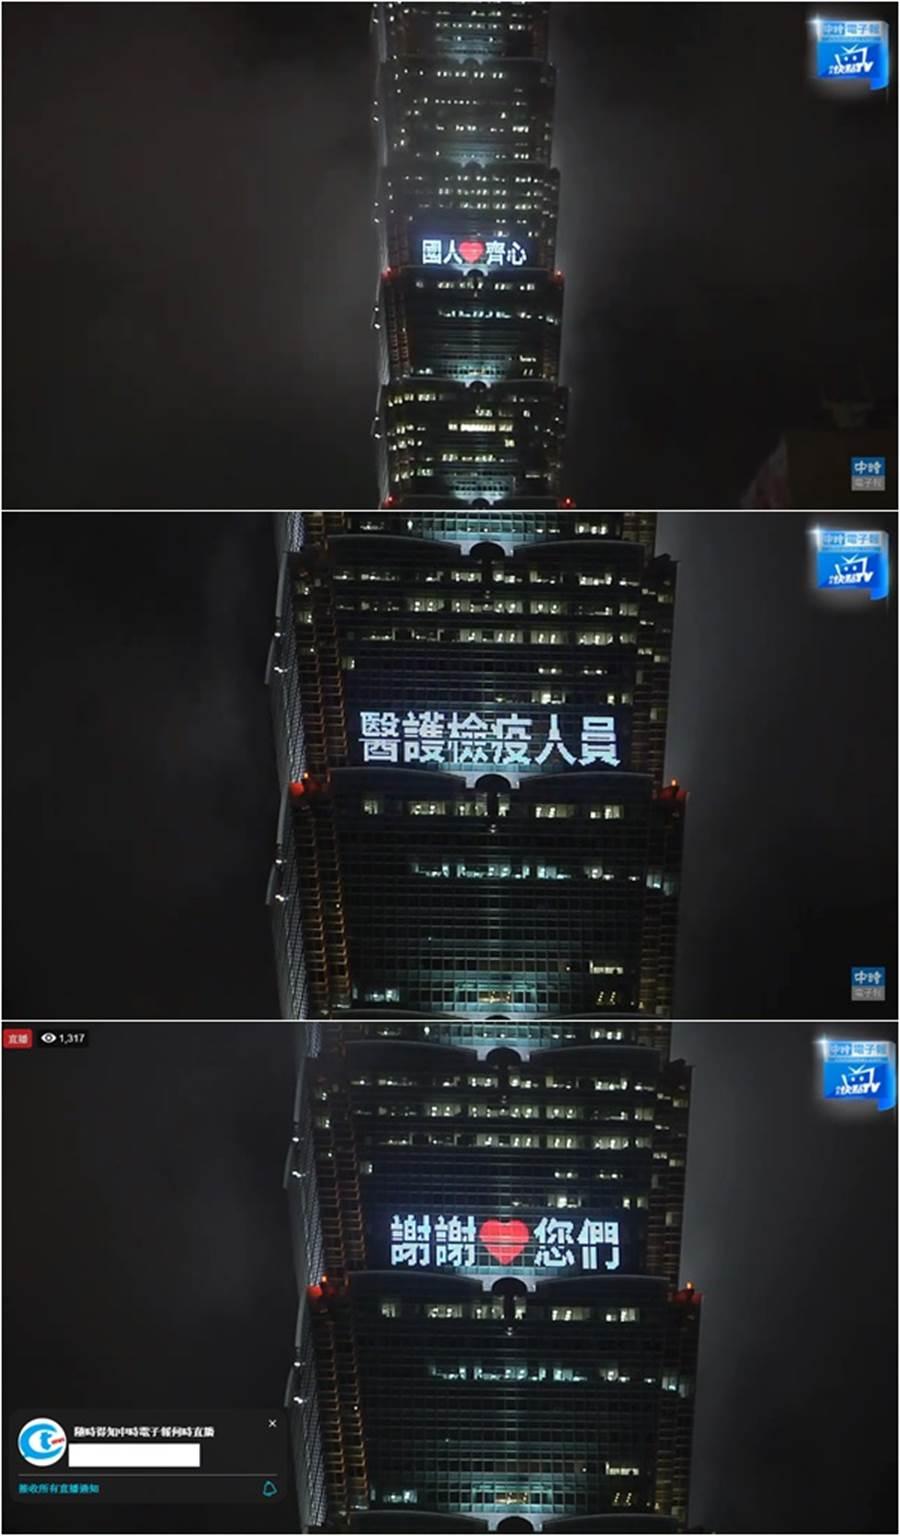 台北101點燈,寫出台灣加油、謝謝醫護檢疫人員等字句。(圖/中時電子報)